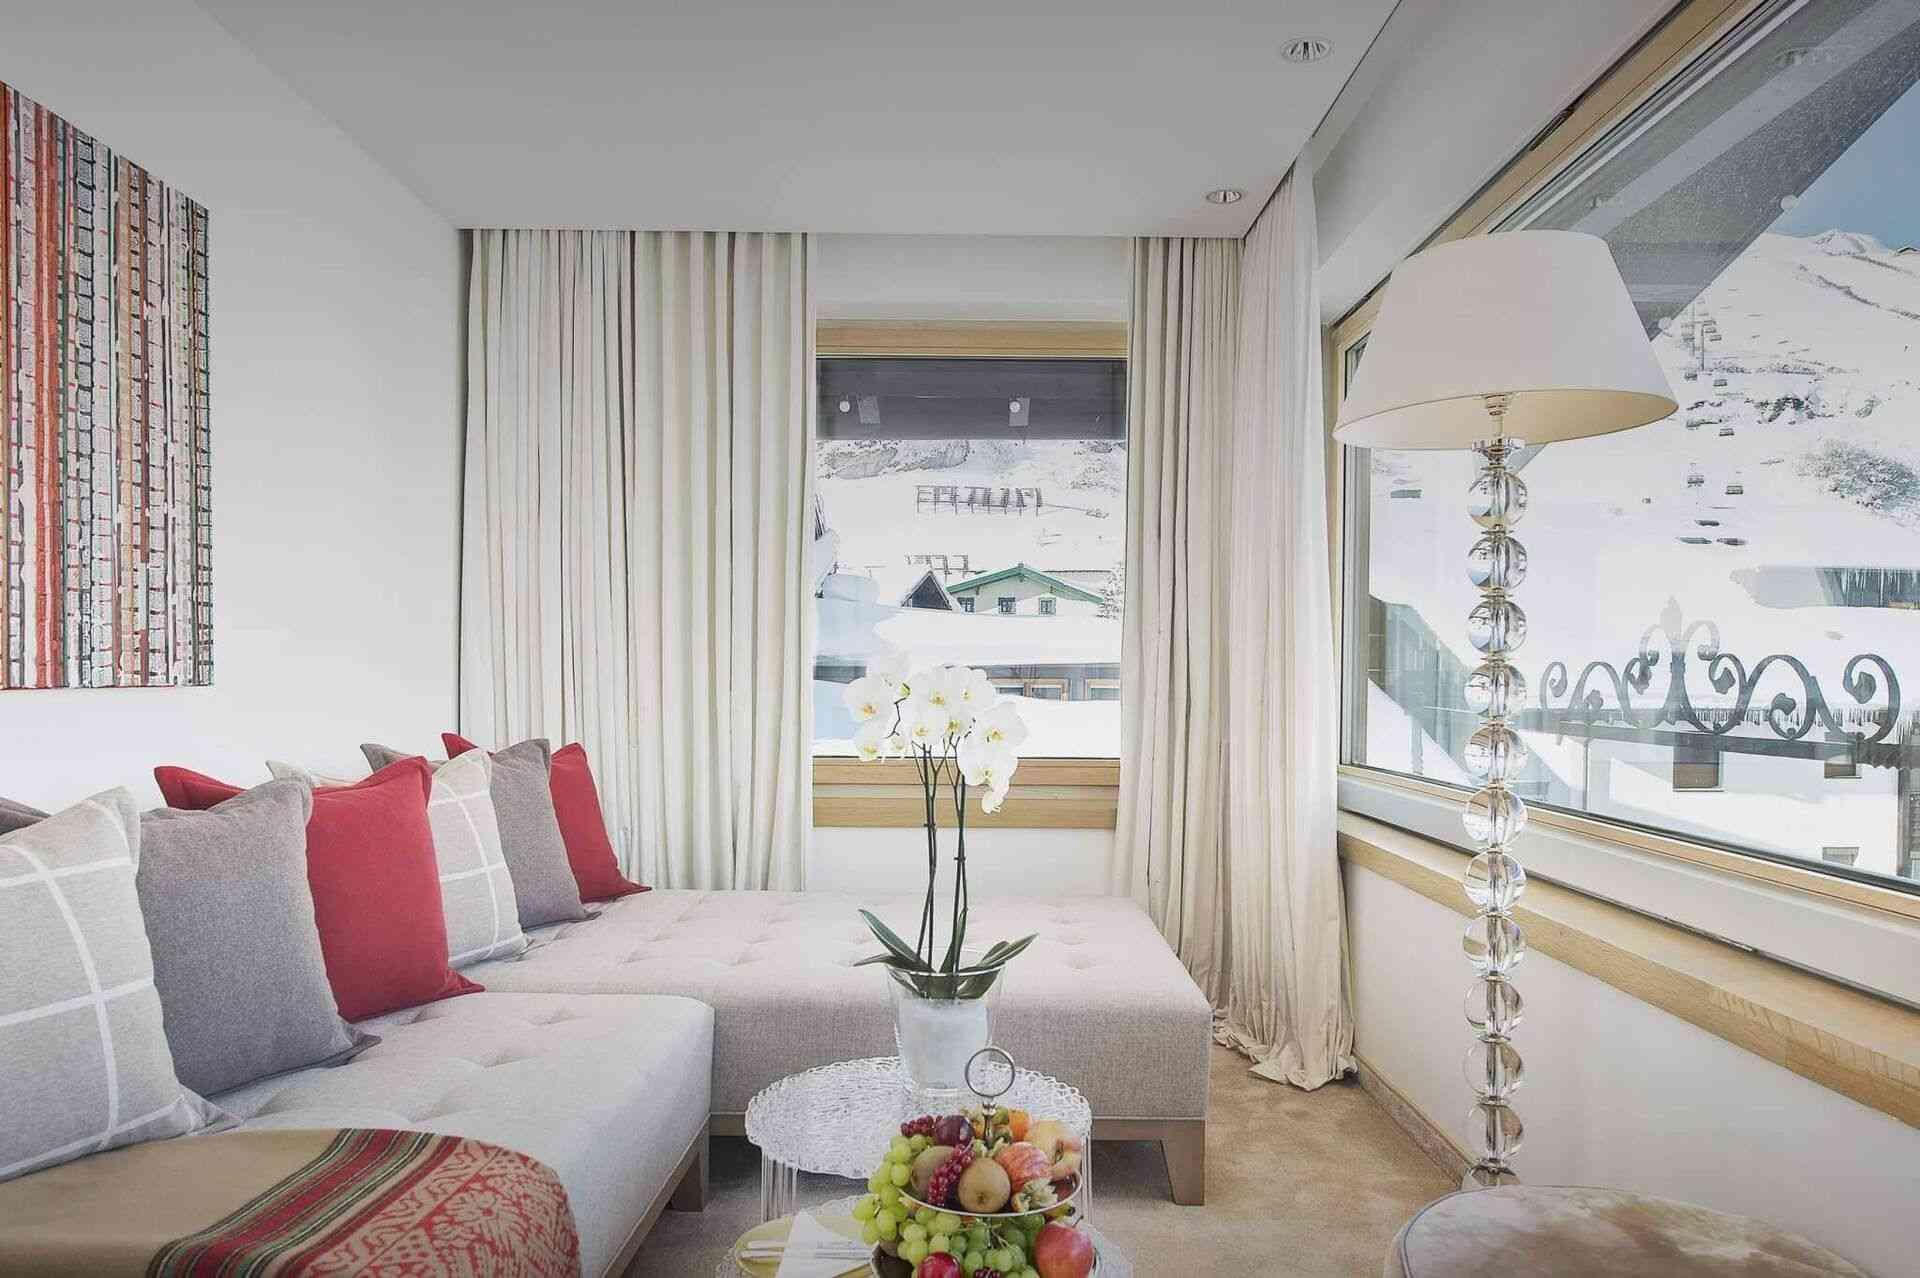 Wohnzimmer im Hotel am Arlberg mit Ausblick auf die Berge